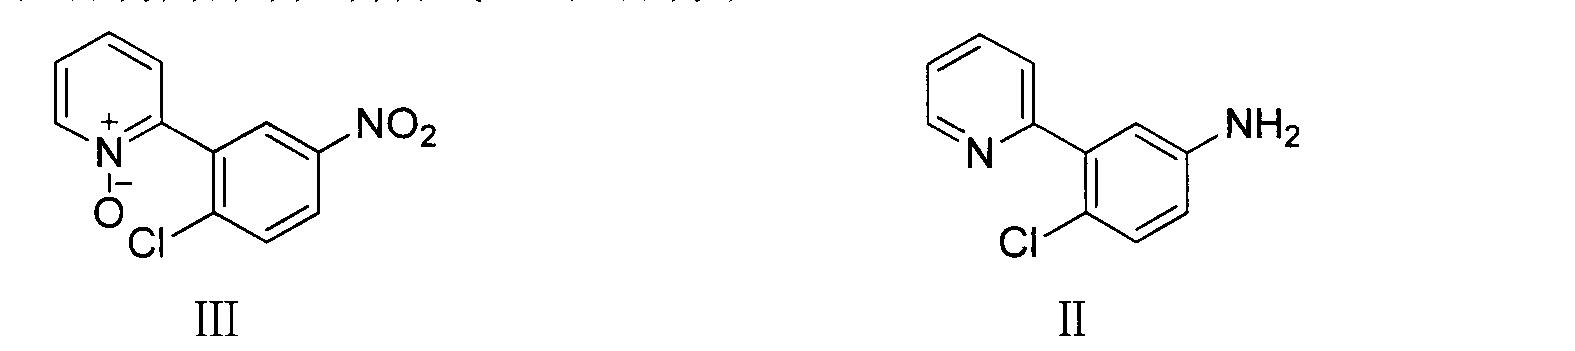 Figure CN103910671AC00021